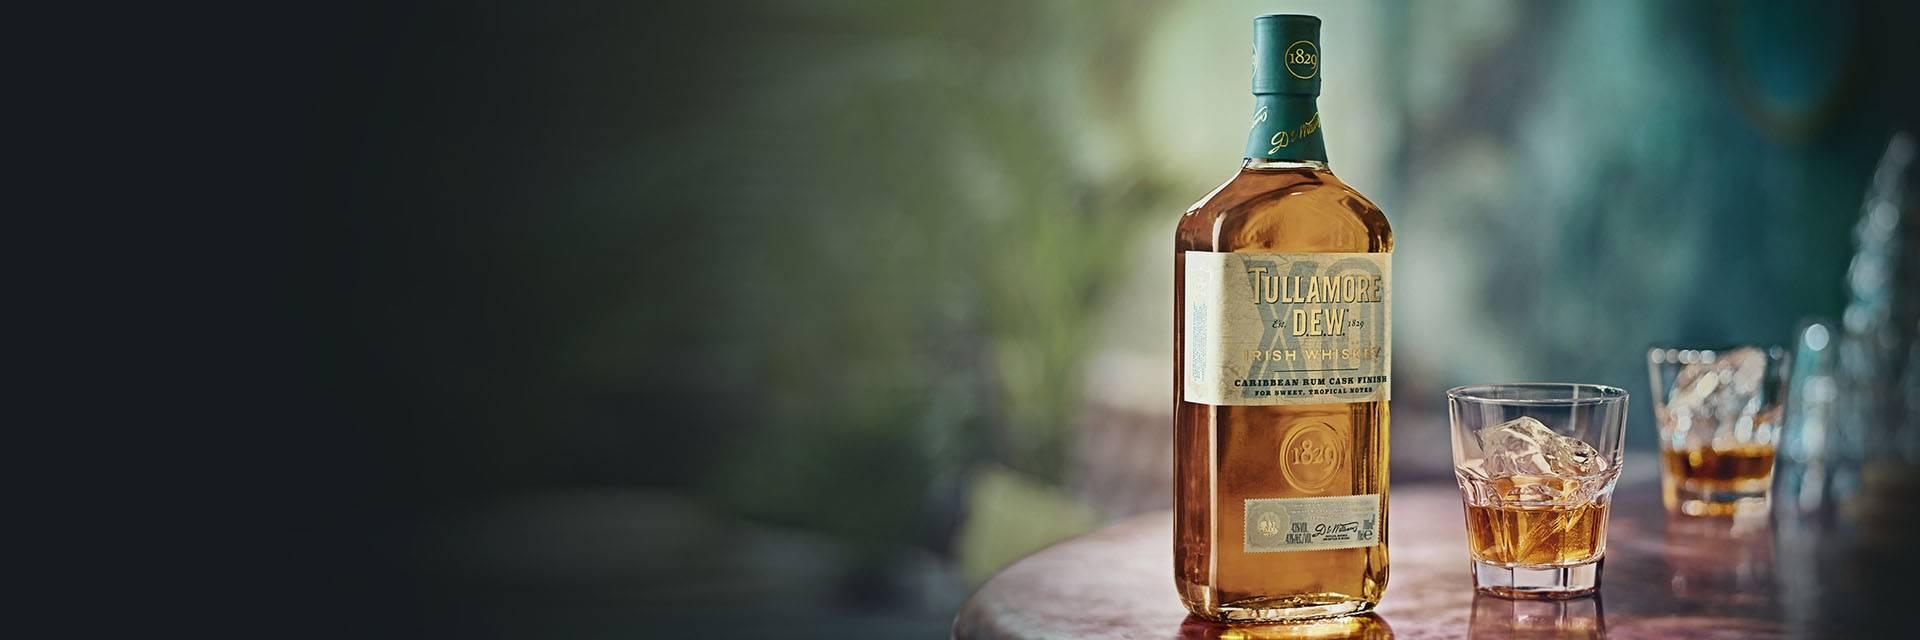 С XIX века по наши дни — история создания Tullamore Dew. Разновидности и стоимость ирландского виски